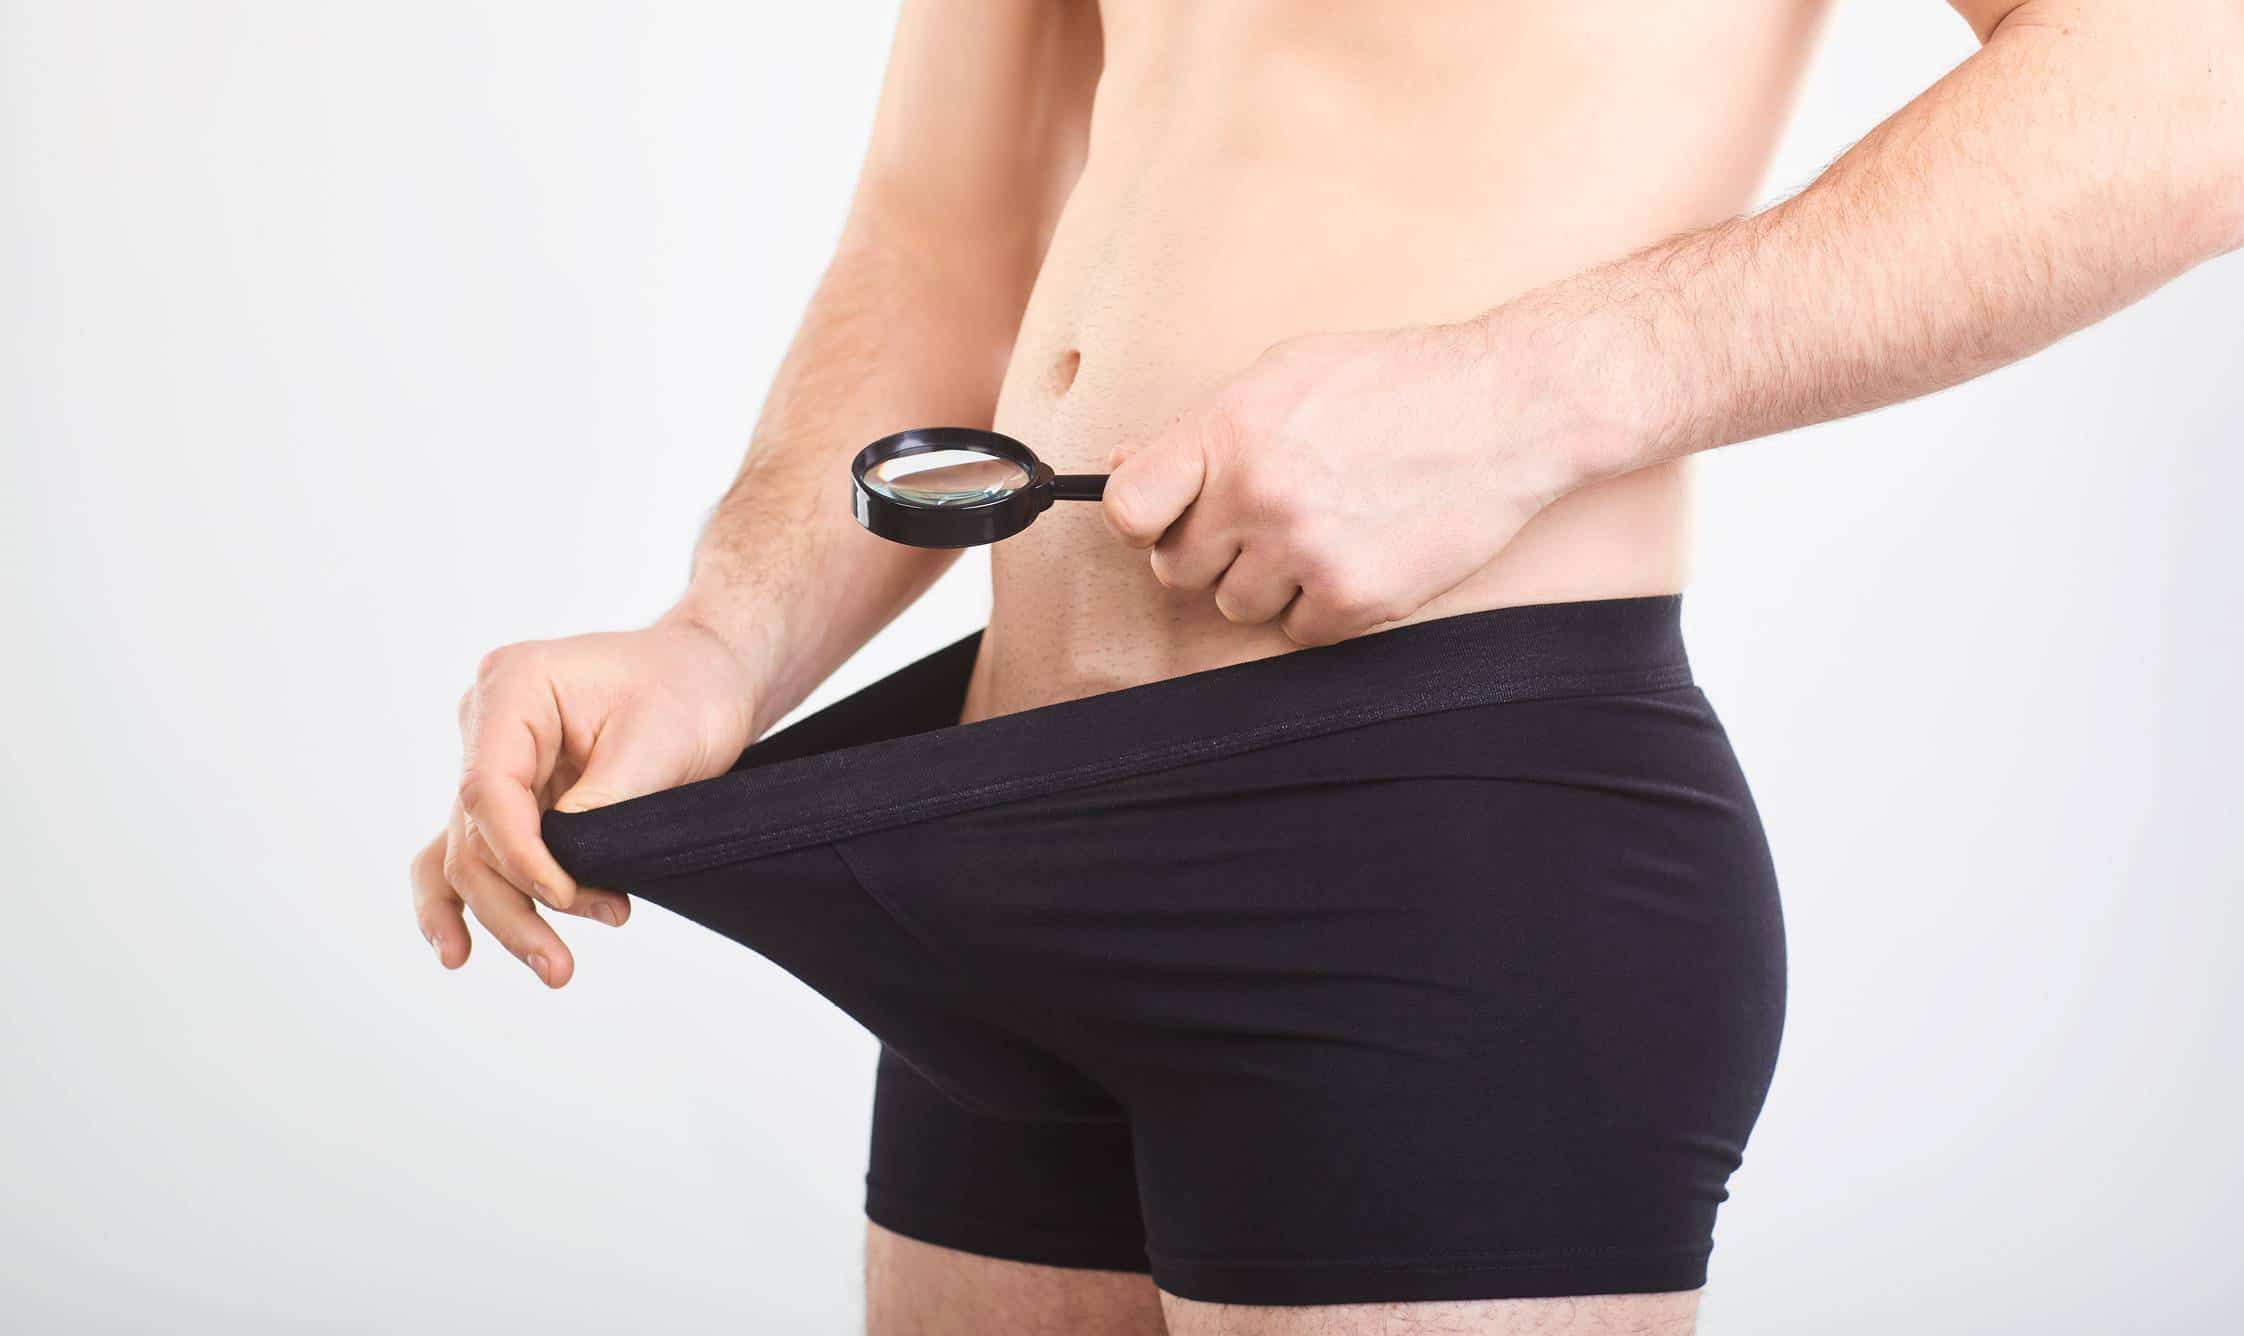 pénoplastie injection acide hyaluronique agrandissement pénis